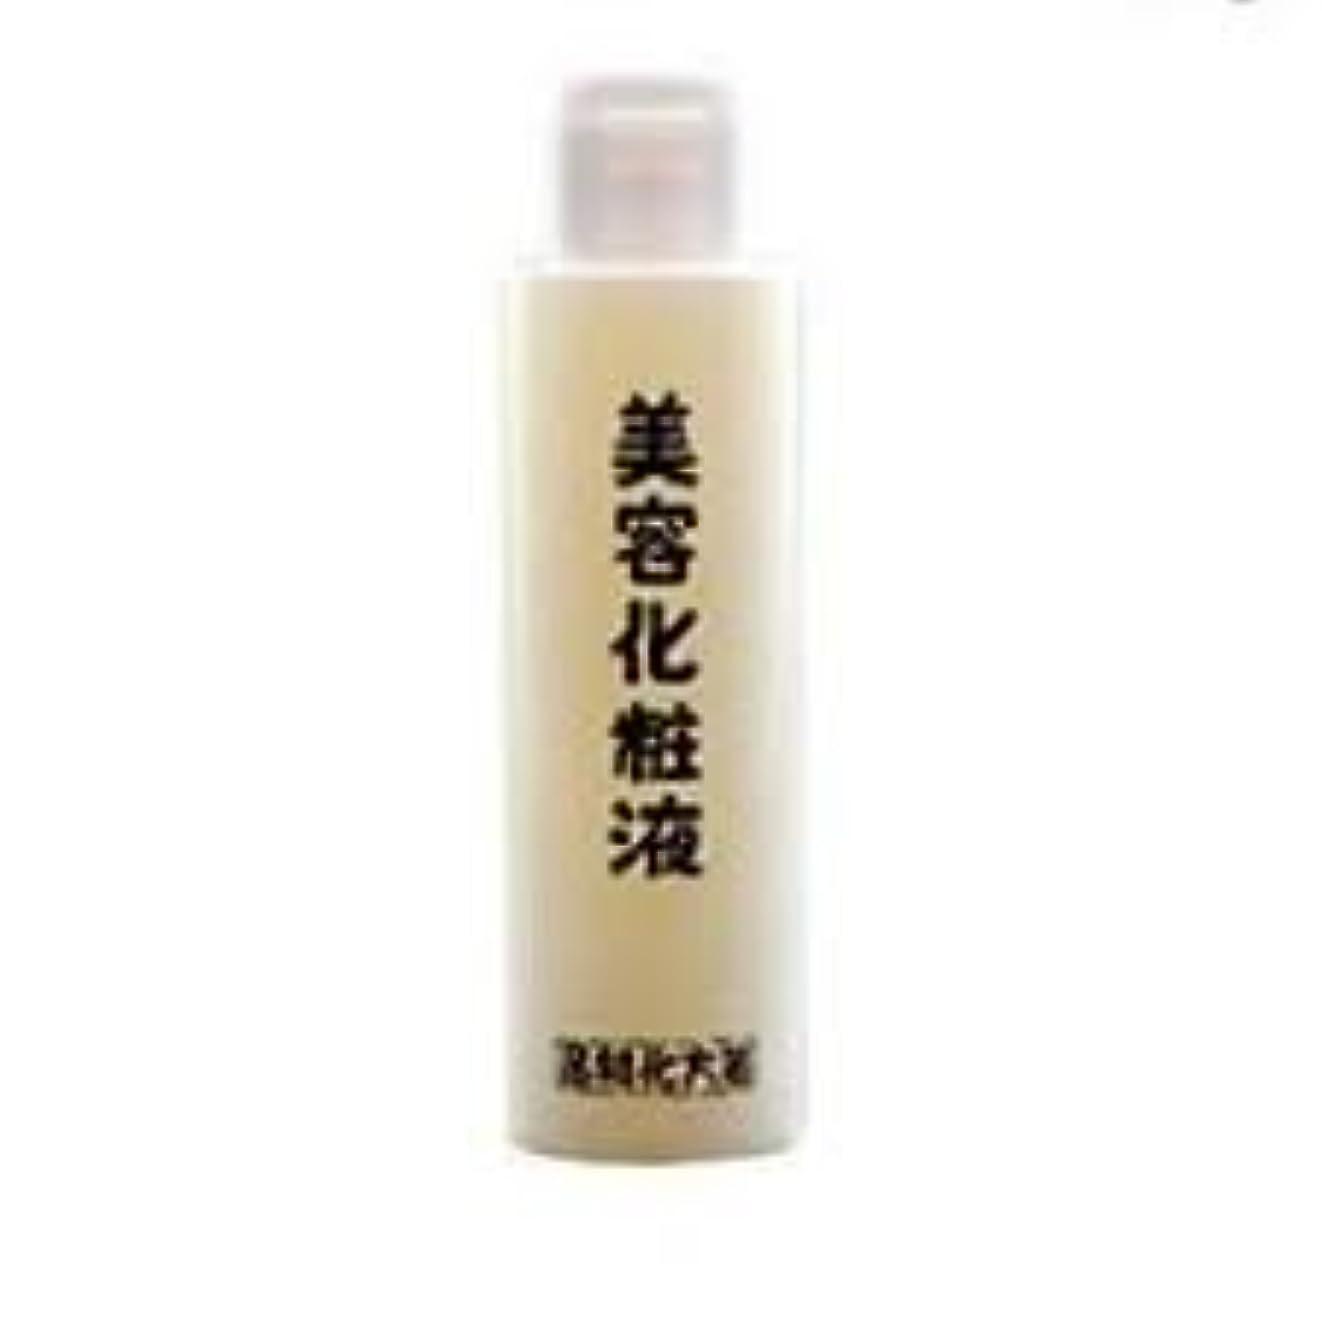 レンド専門驚き箸方化粧品 美容化粧液 化粧水 120ml はしかた化粧品